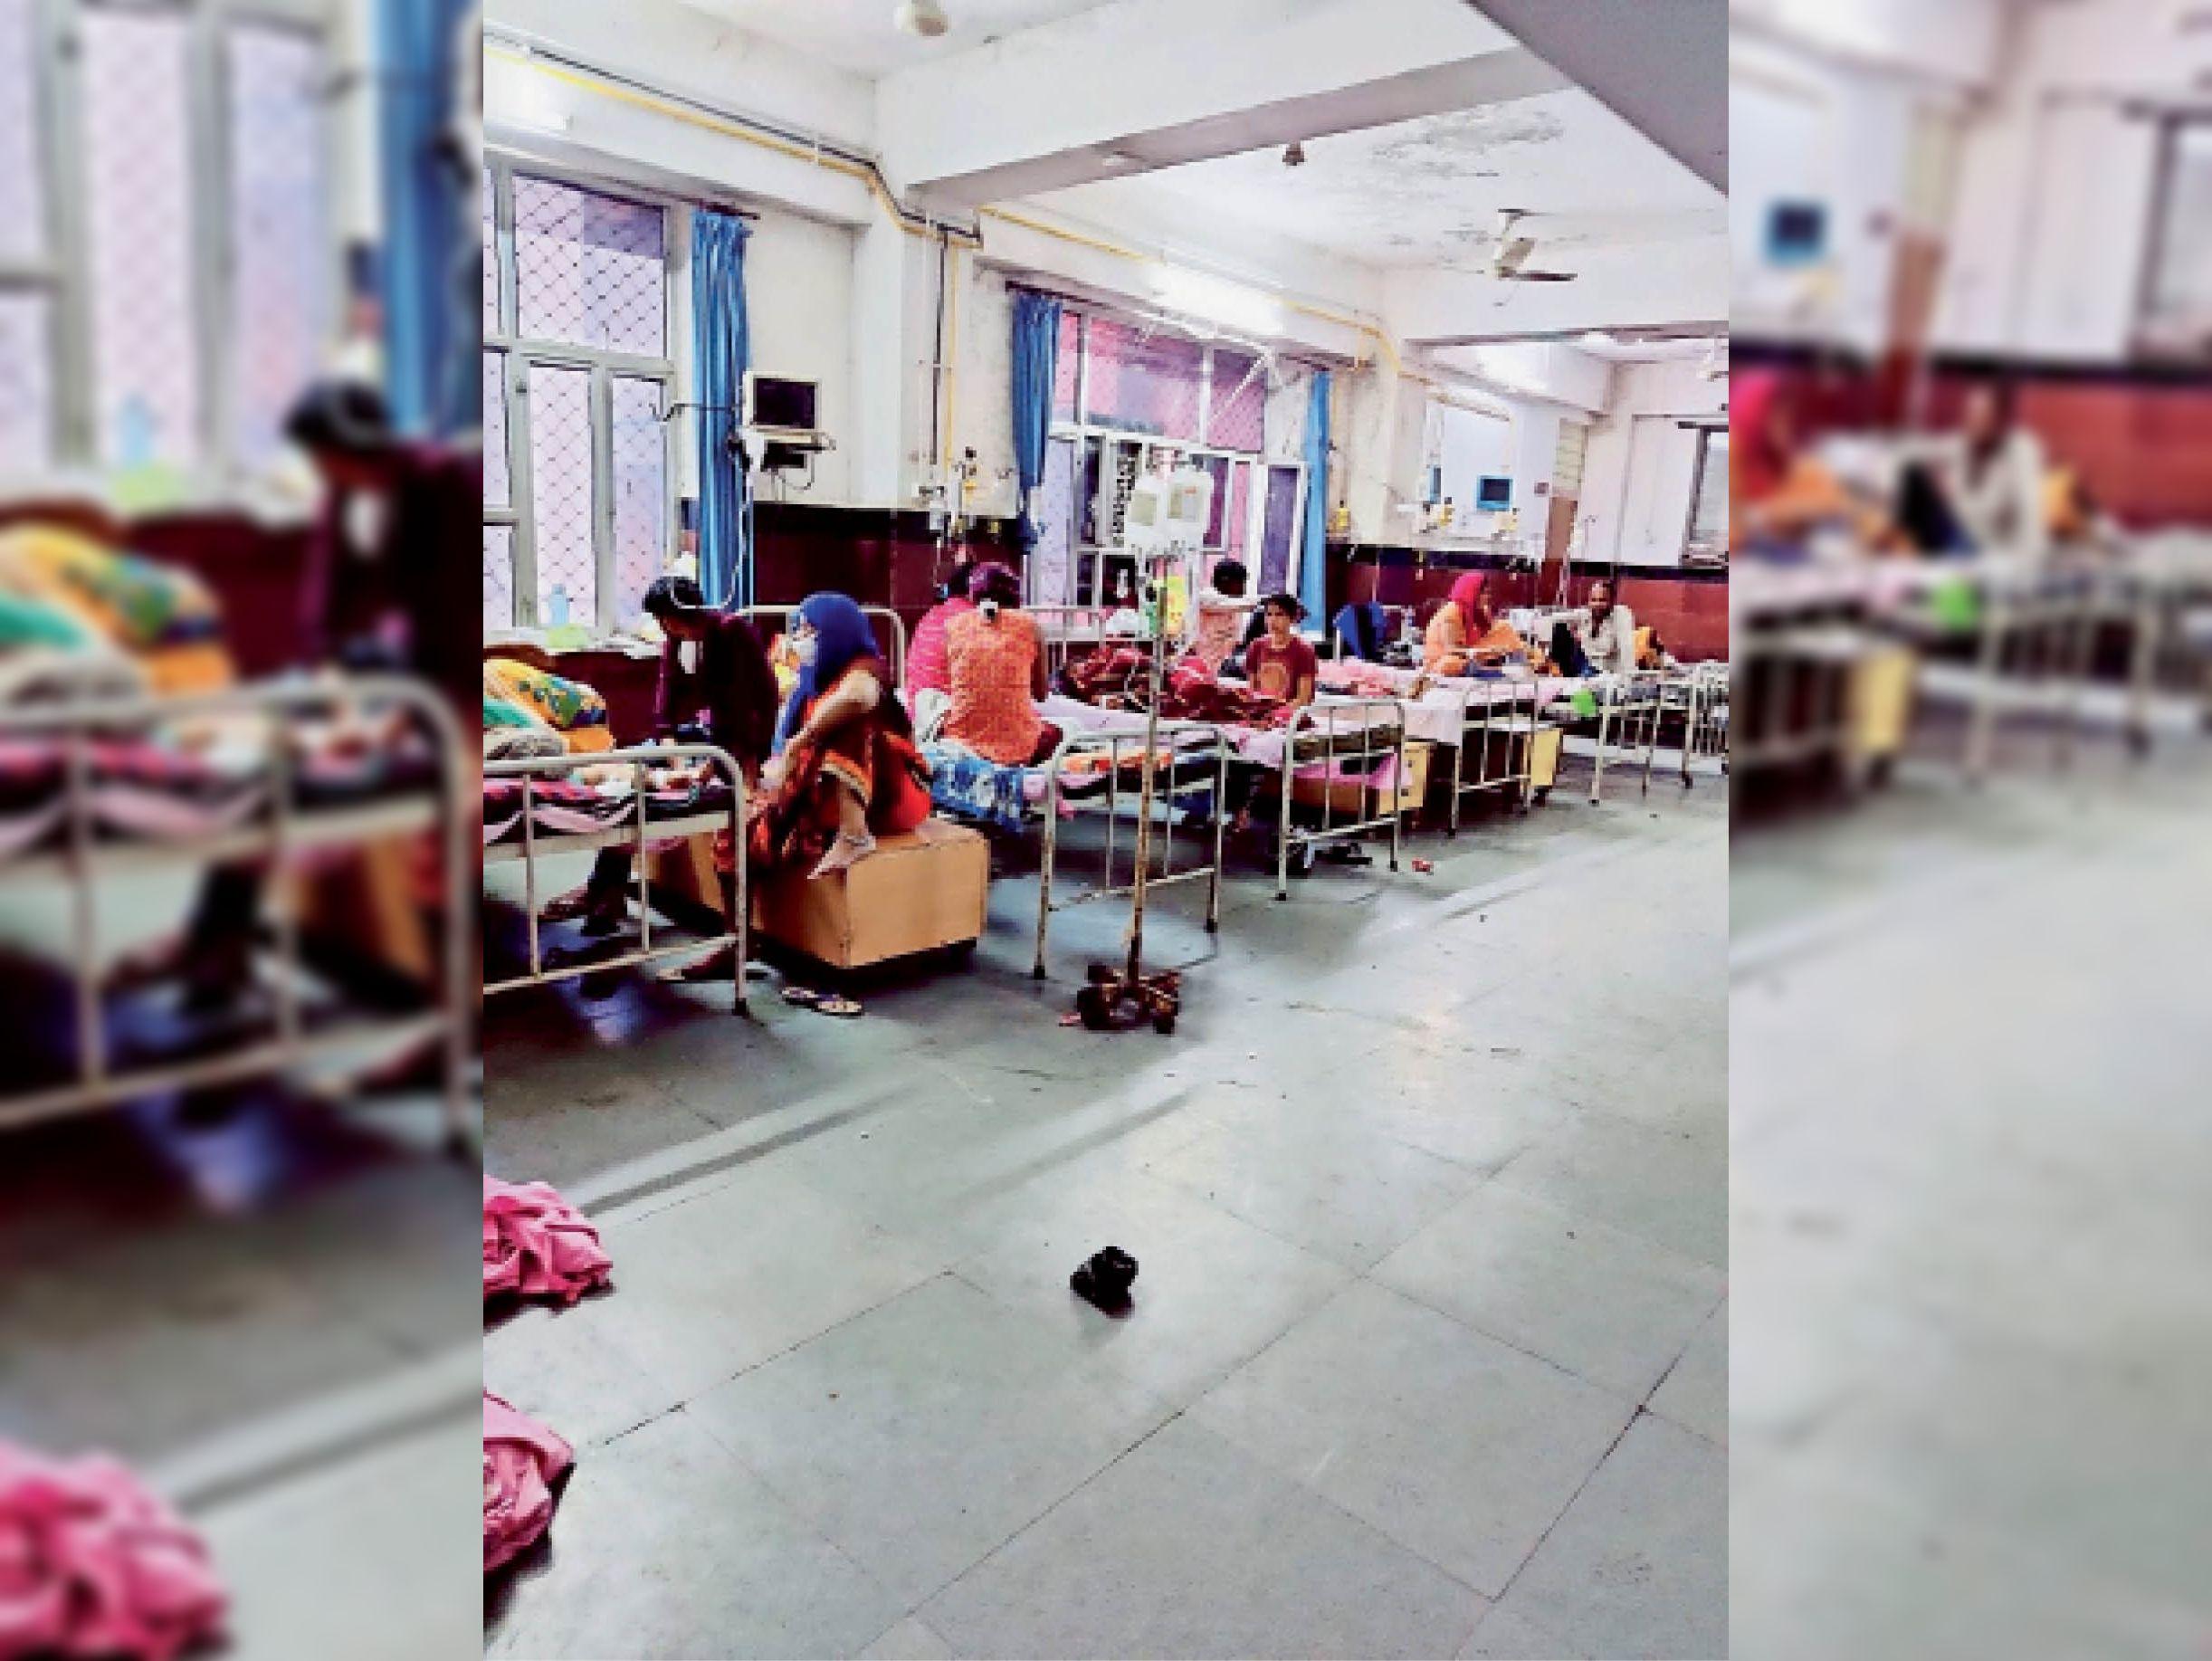 डेंगू के 25 राेगी मिले, स्क्रबटायफस के 2 नए केस|कोटा,Kota - Dainik Bhaskar